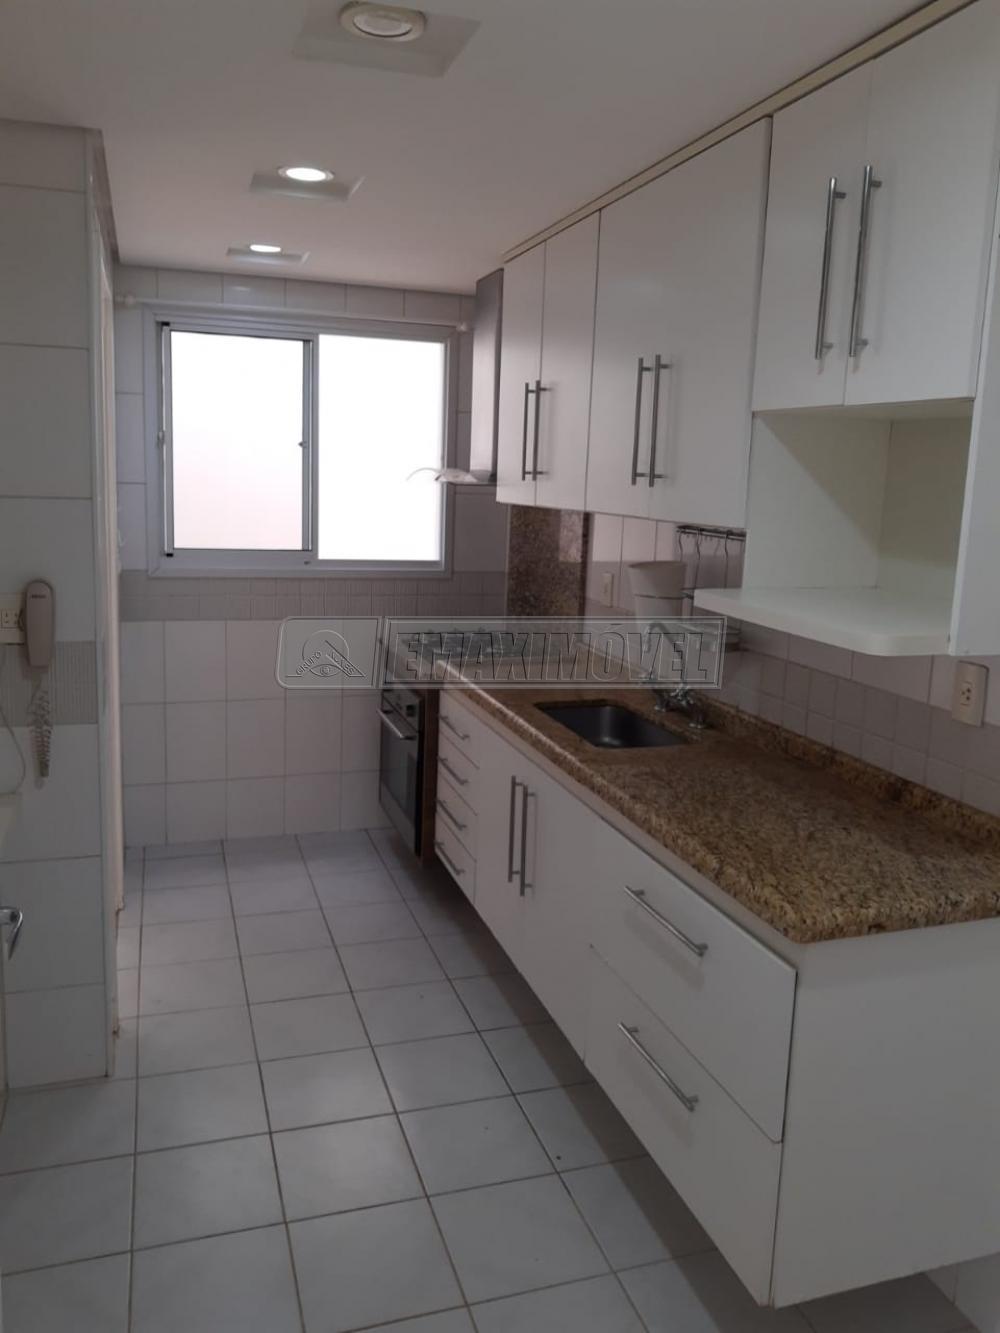 Alugar Casas / em Condomínios em Sorocaba apenas R$ 2.500,00 - Foto 20